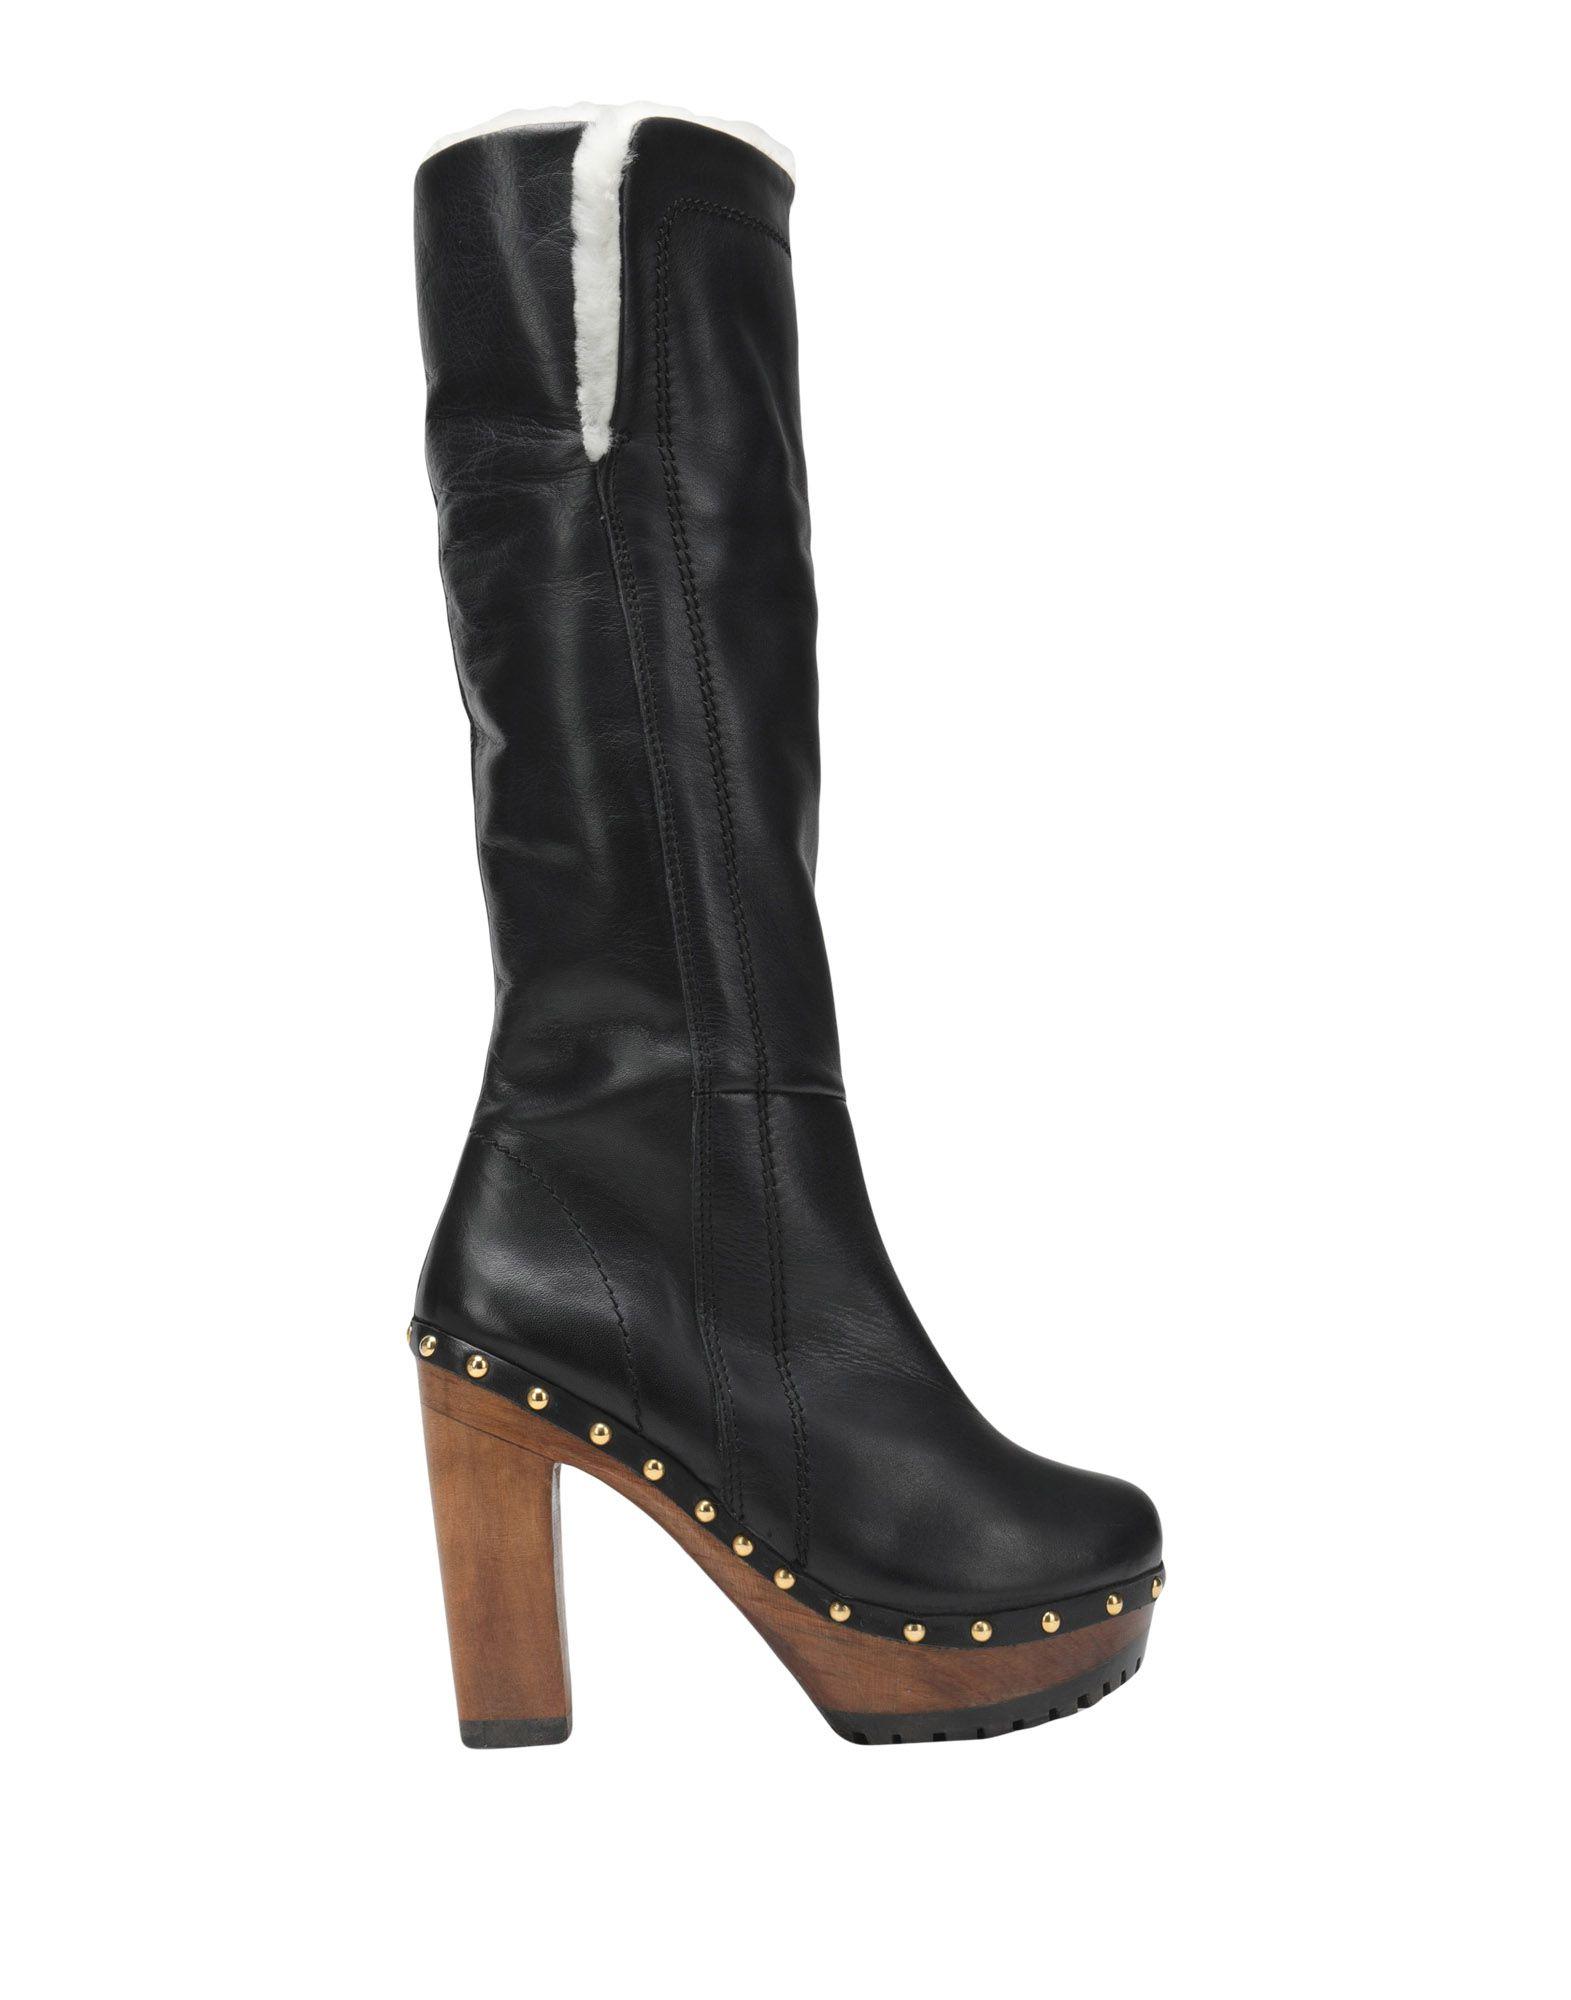 C.G C.G Berlin Boots - Women C.G C.G Berlin Boots online on  Australia - 11526533TK 412c62